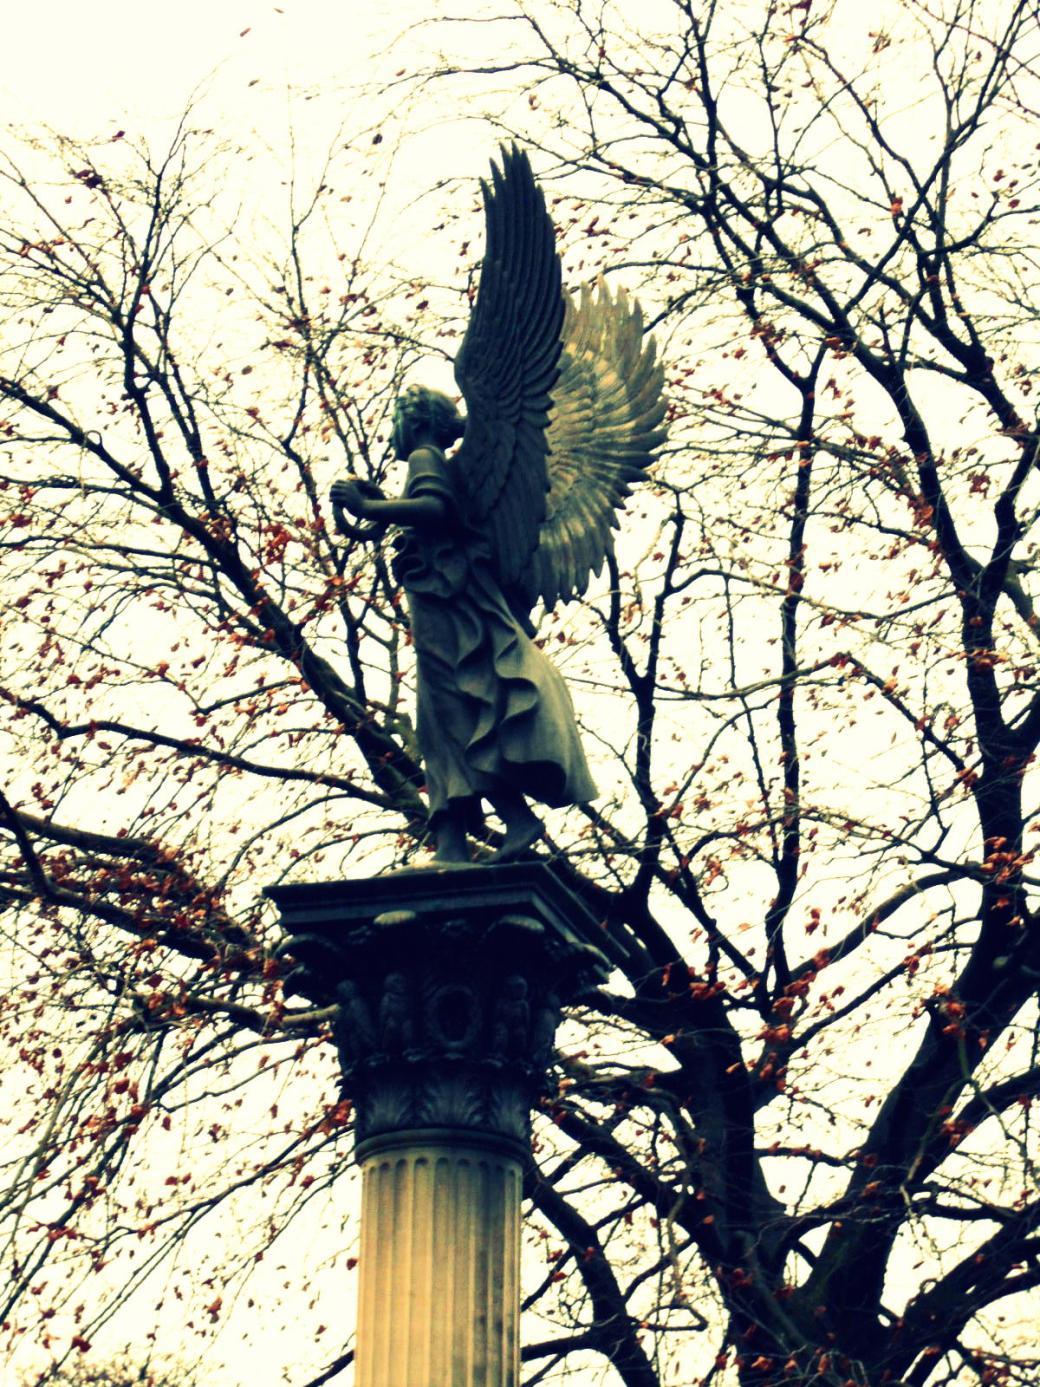 Engel cross